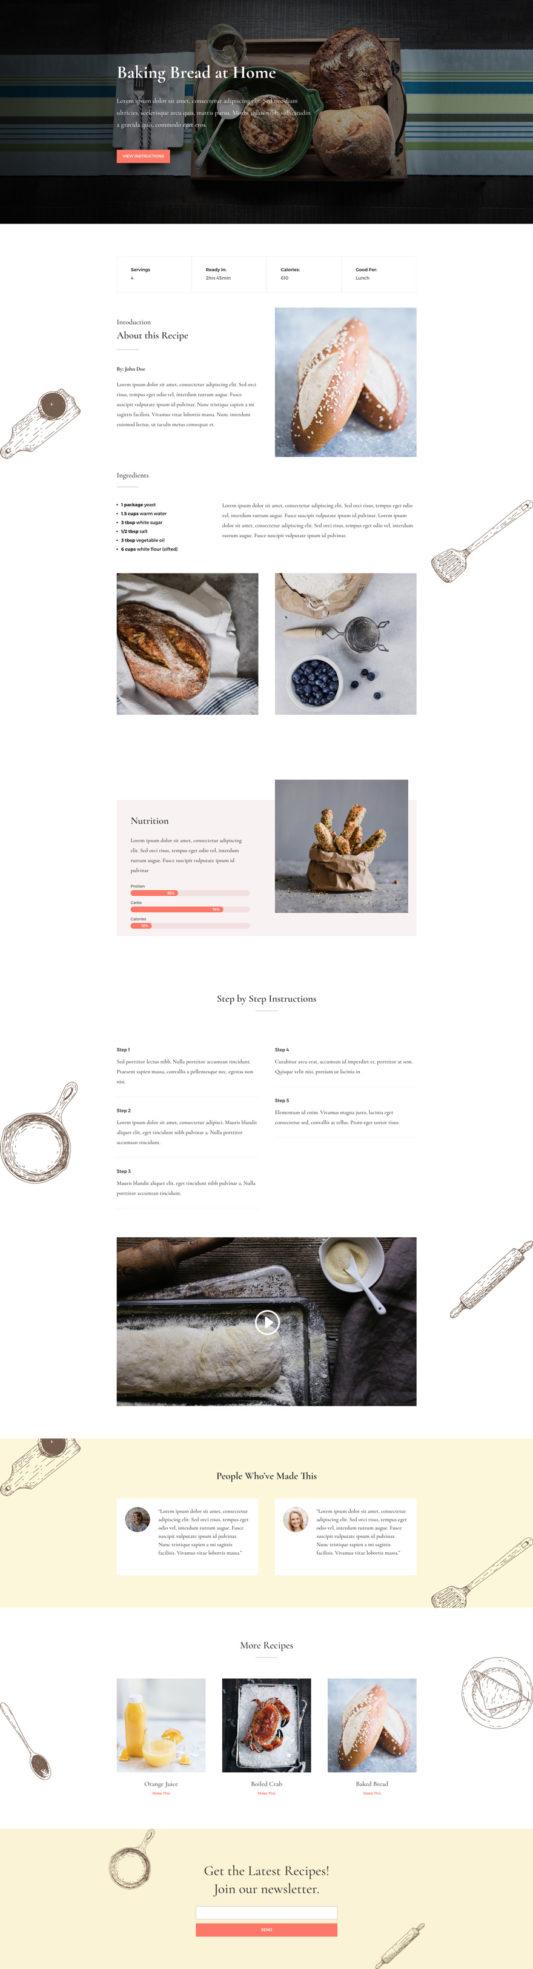 Food Recipes Web Design 6